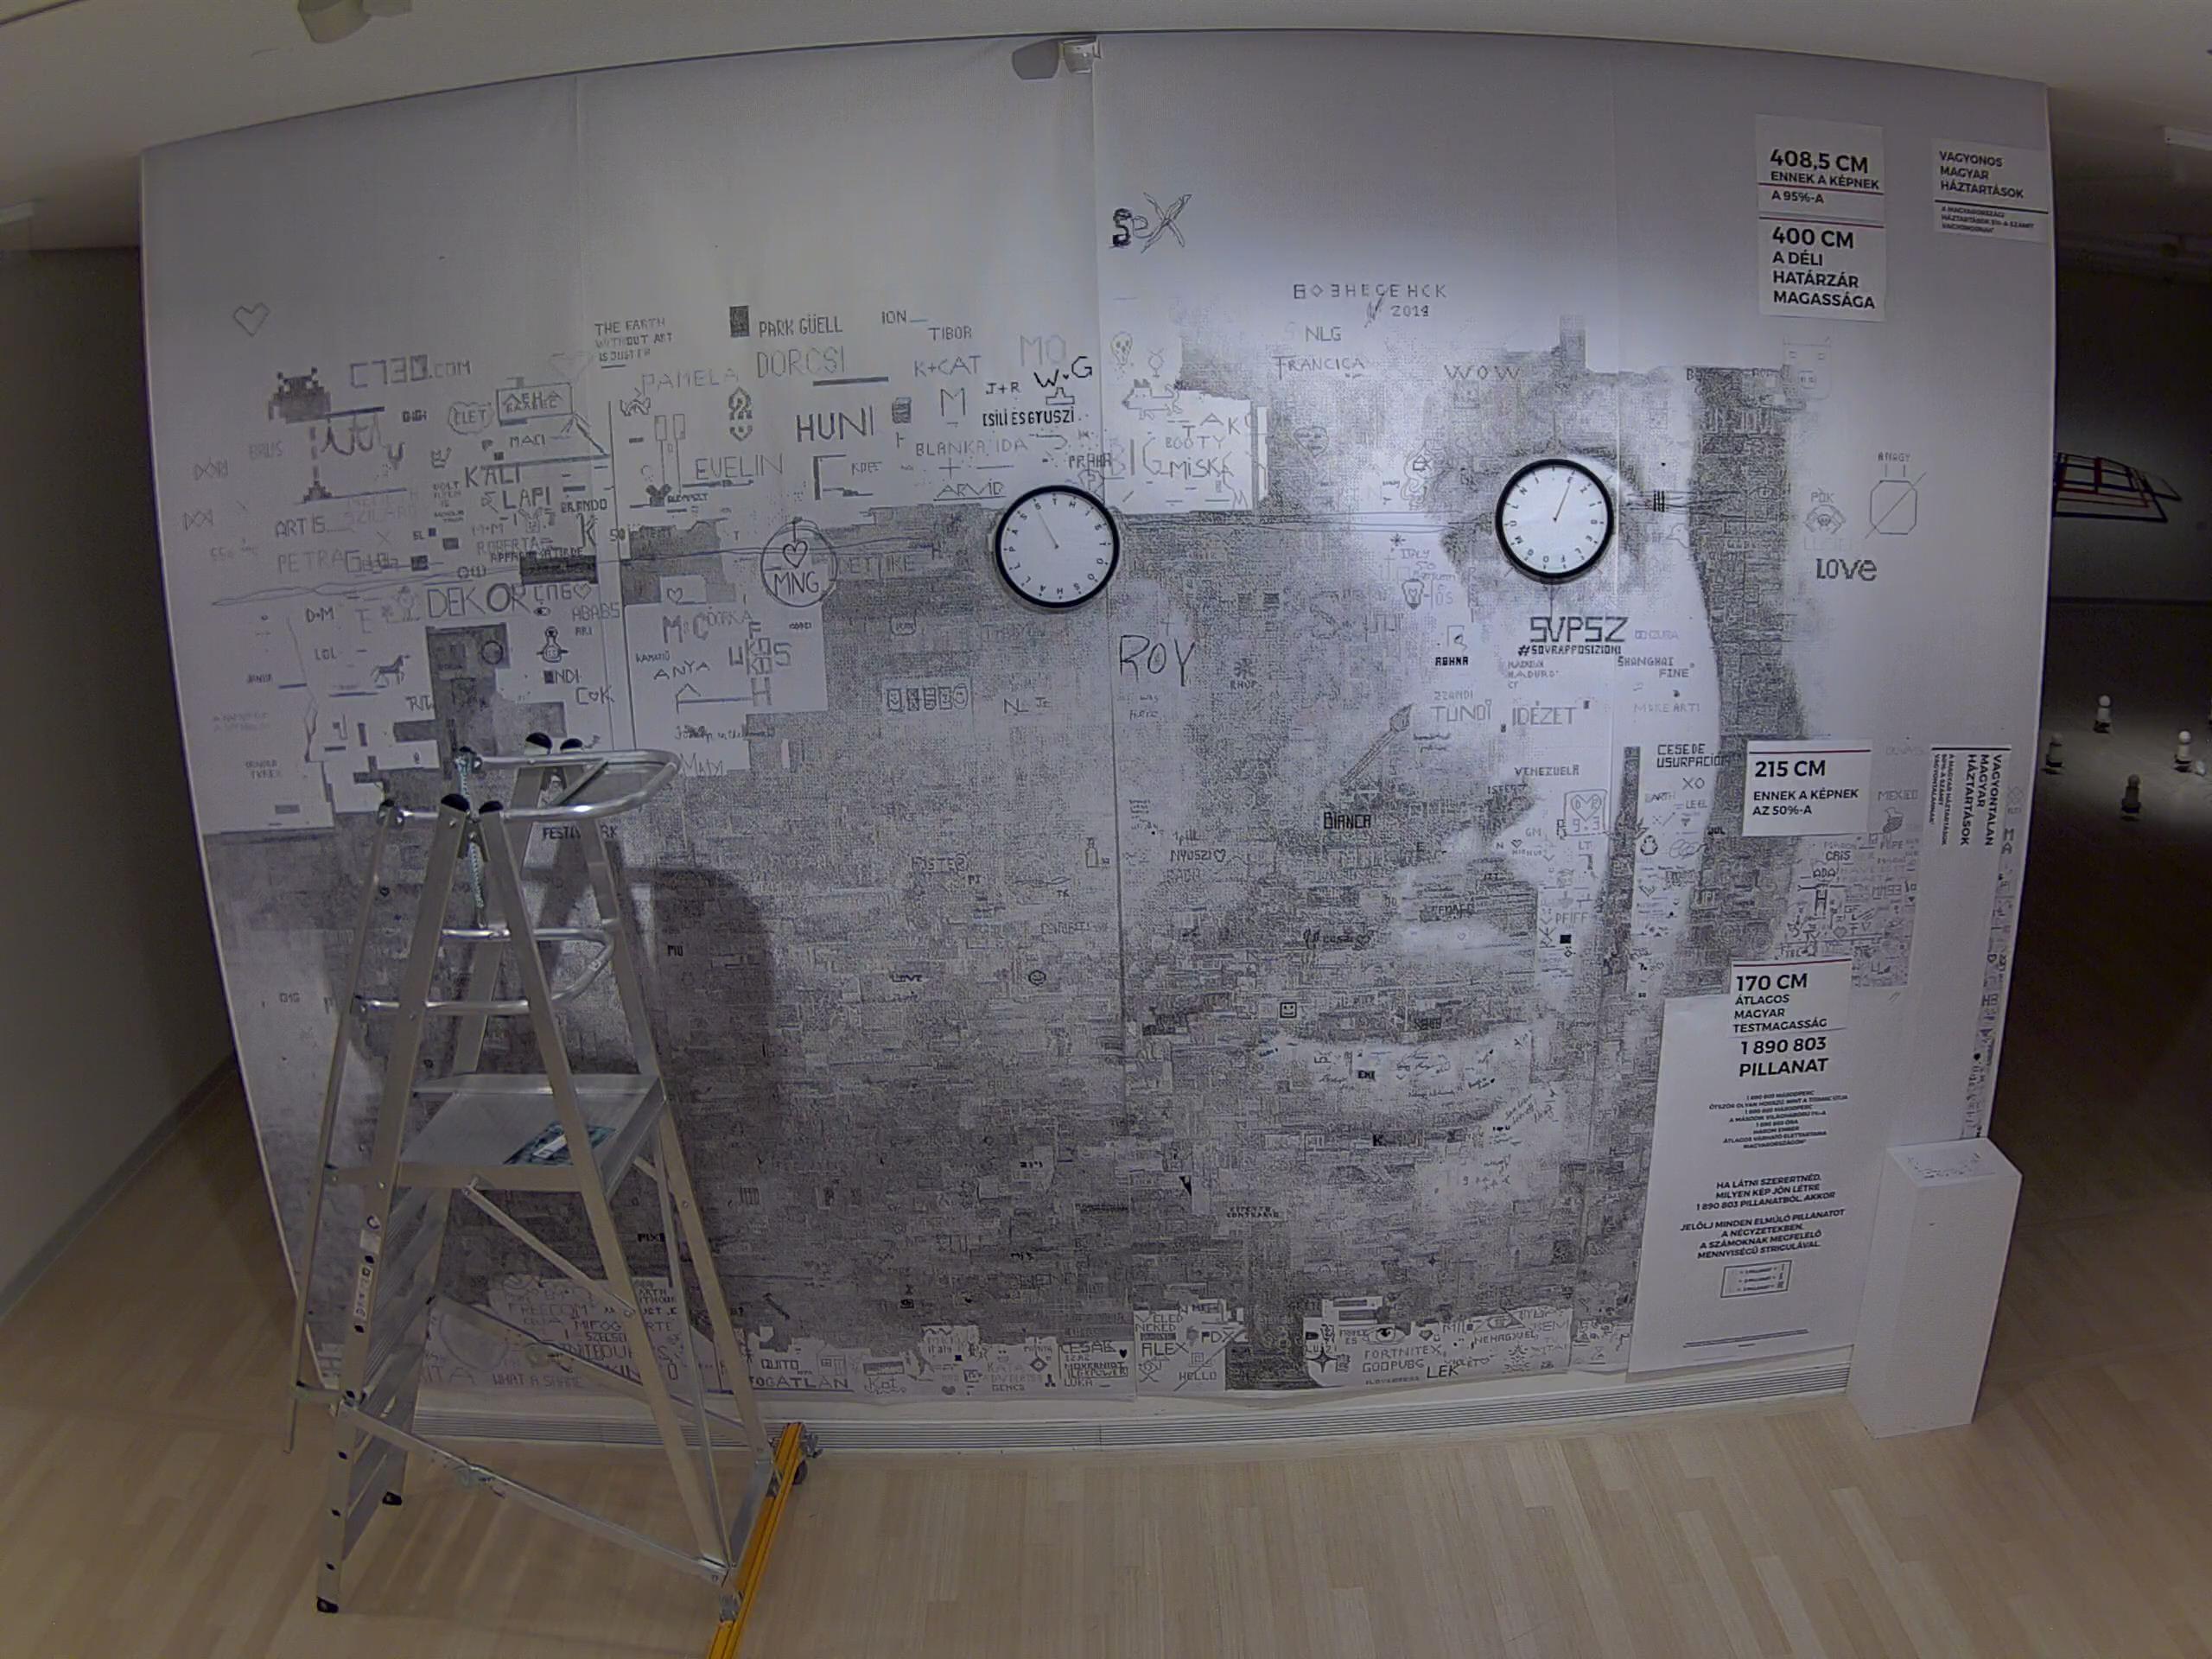 Behívatta a Ludwig Múzeum igazgatója a művész galeristáját, akinek a művén Orbán Viktor fiatalkori arcképe bontakozott ki